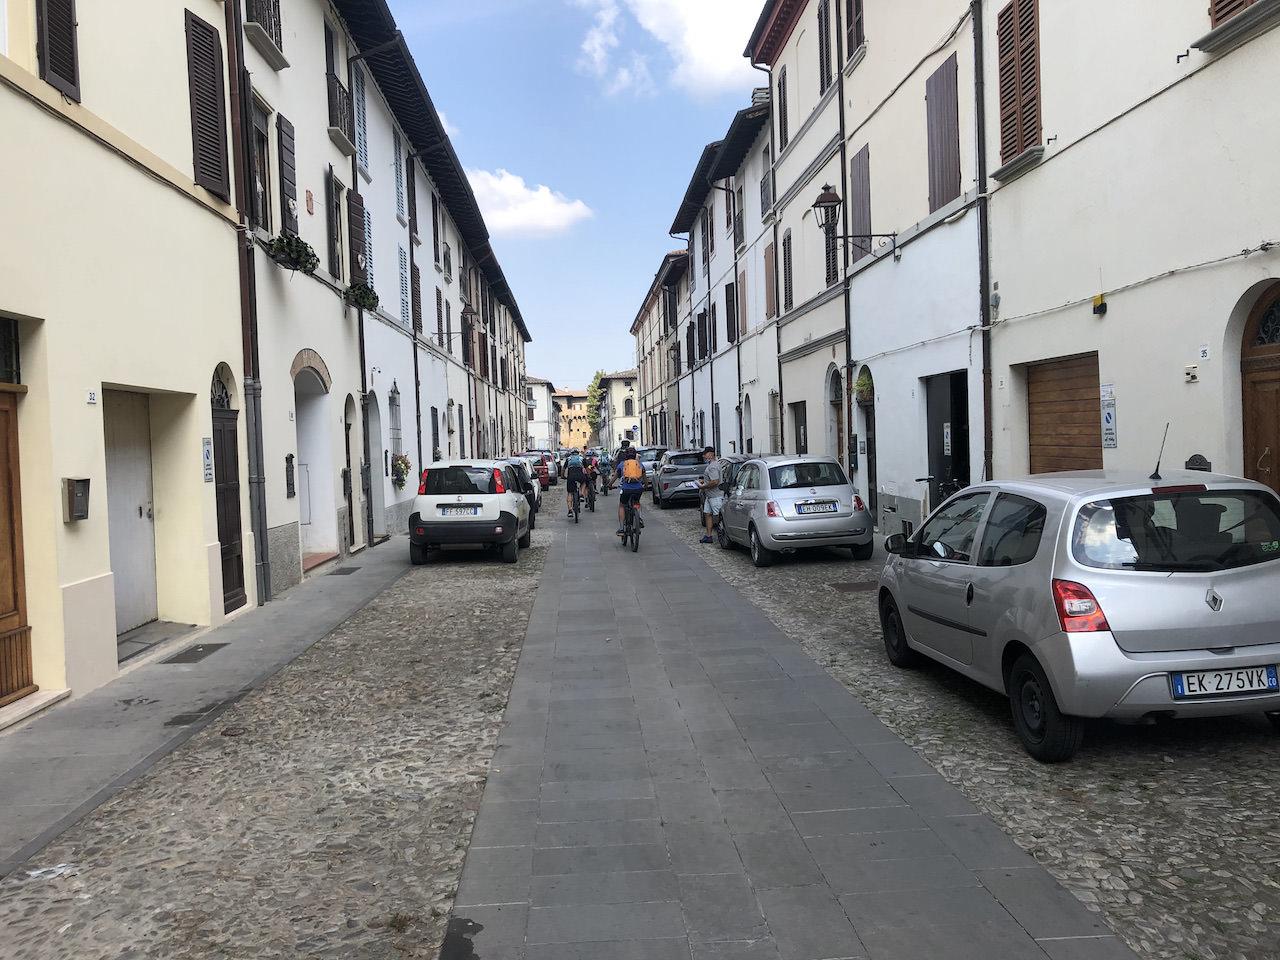 Romagna-Toscana-194